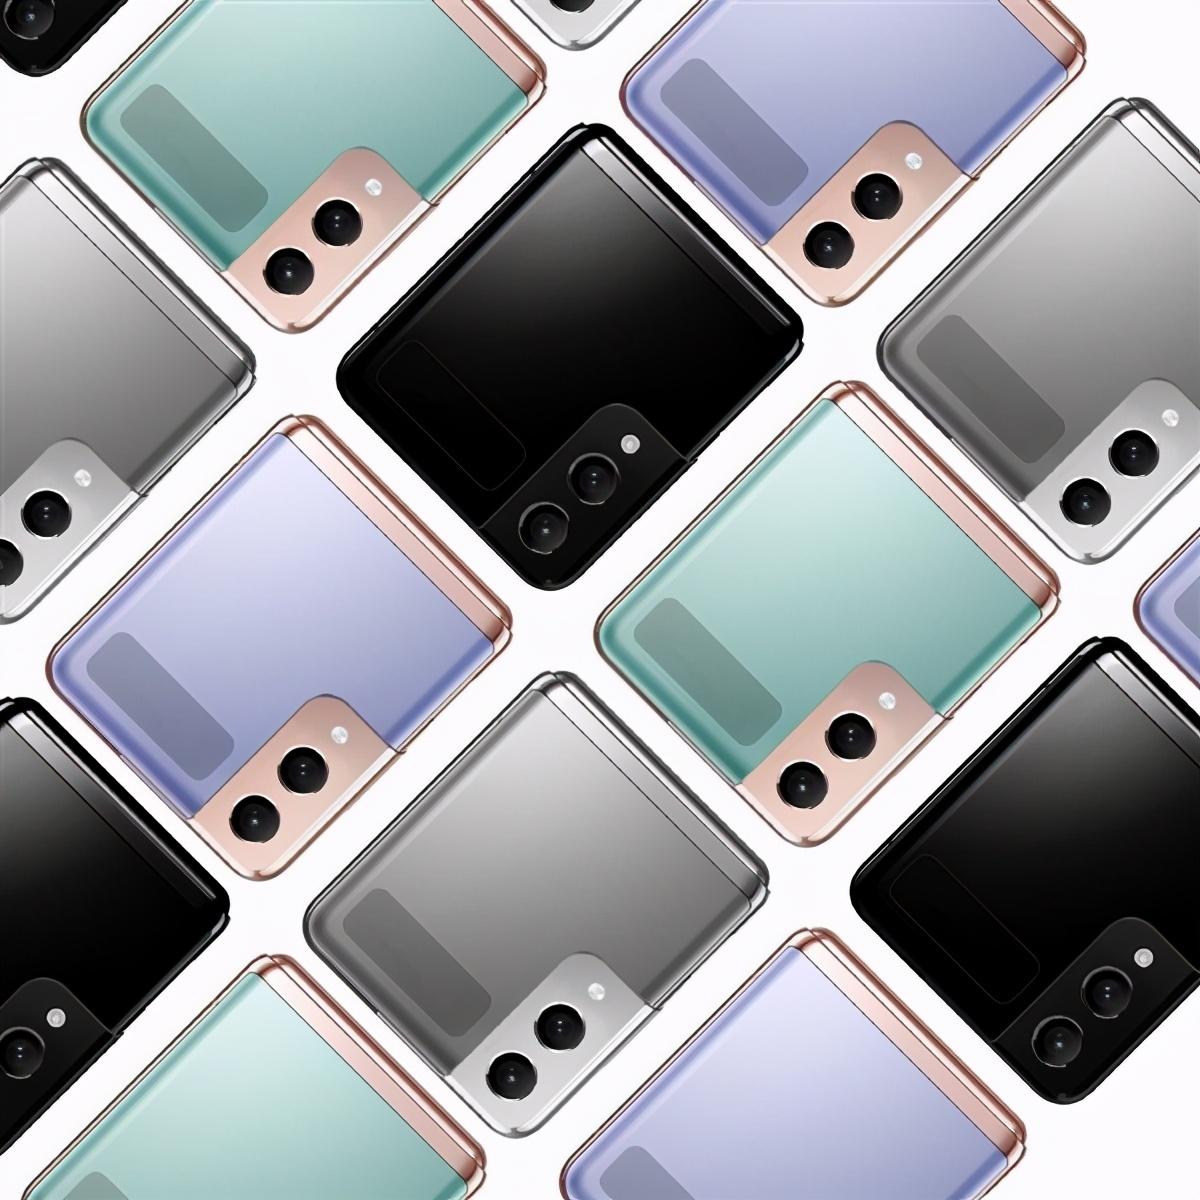 三星Galaxy Z Flip 2渲染图出炉,有LTPO屏+骁龙888应该不会差